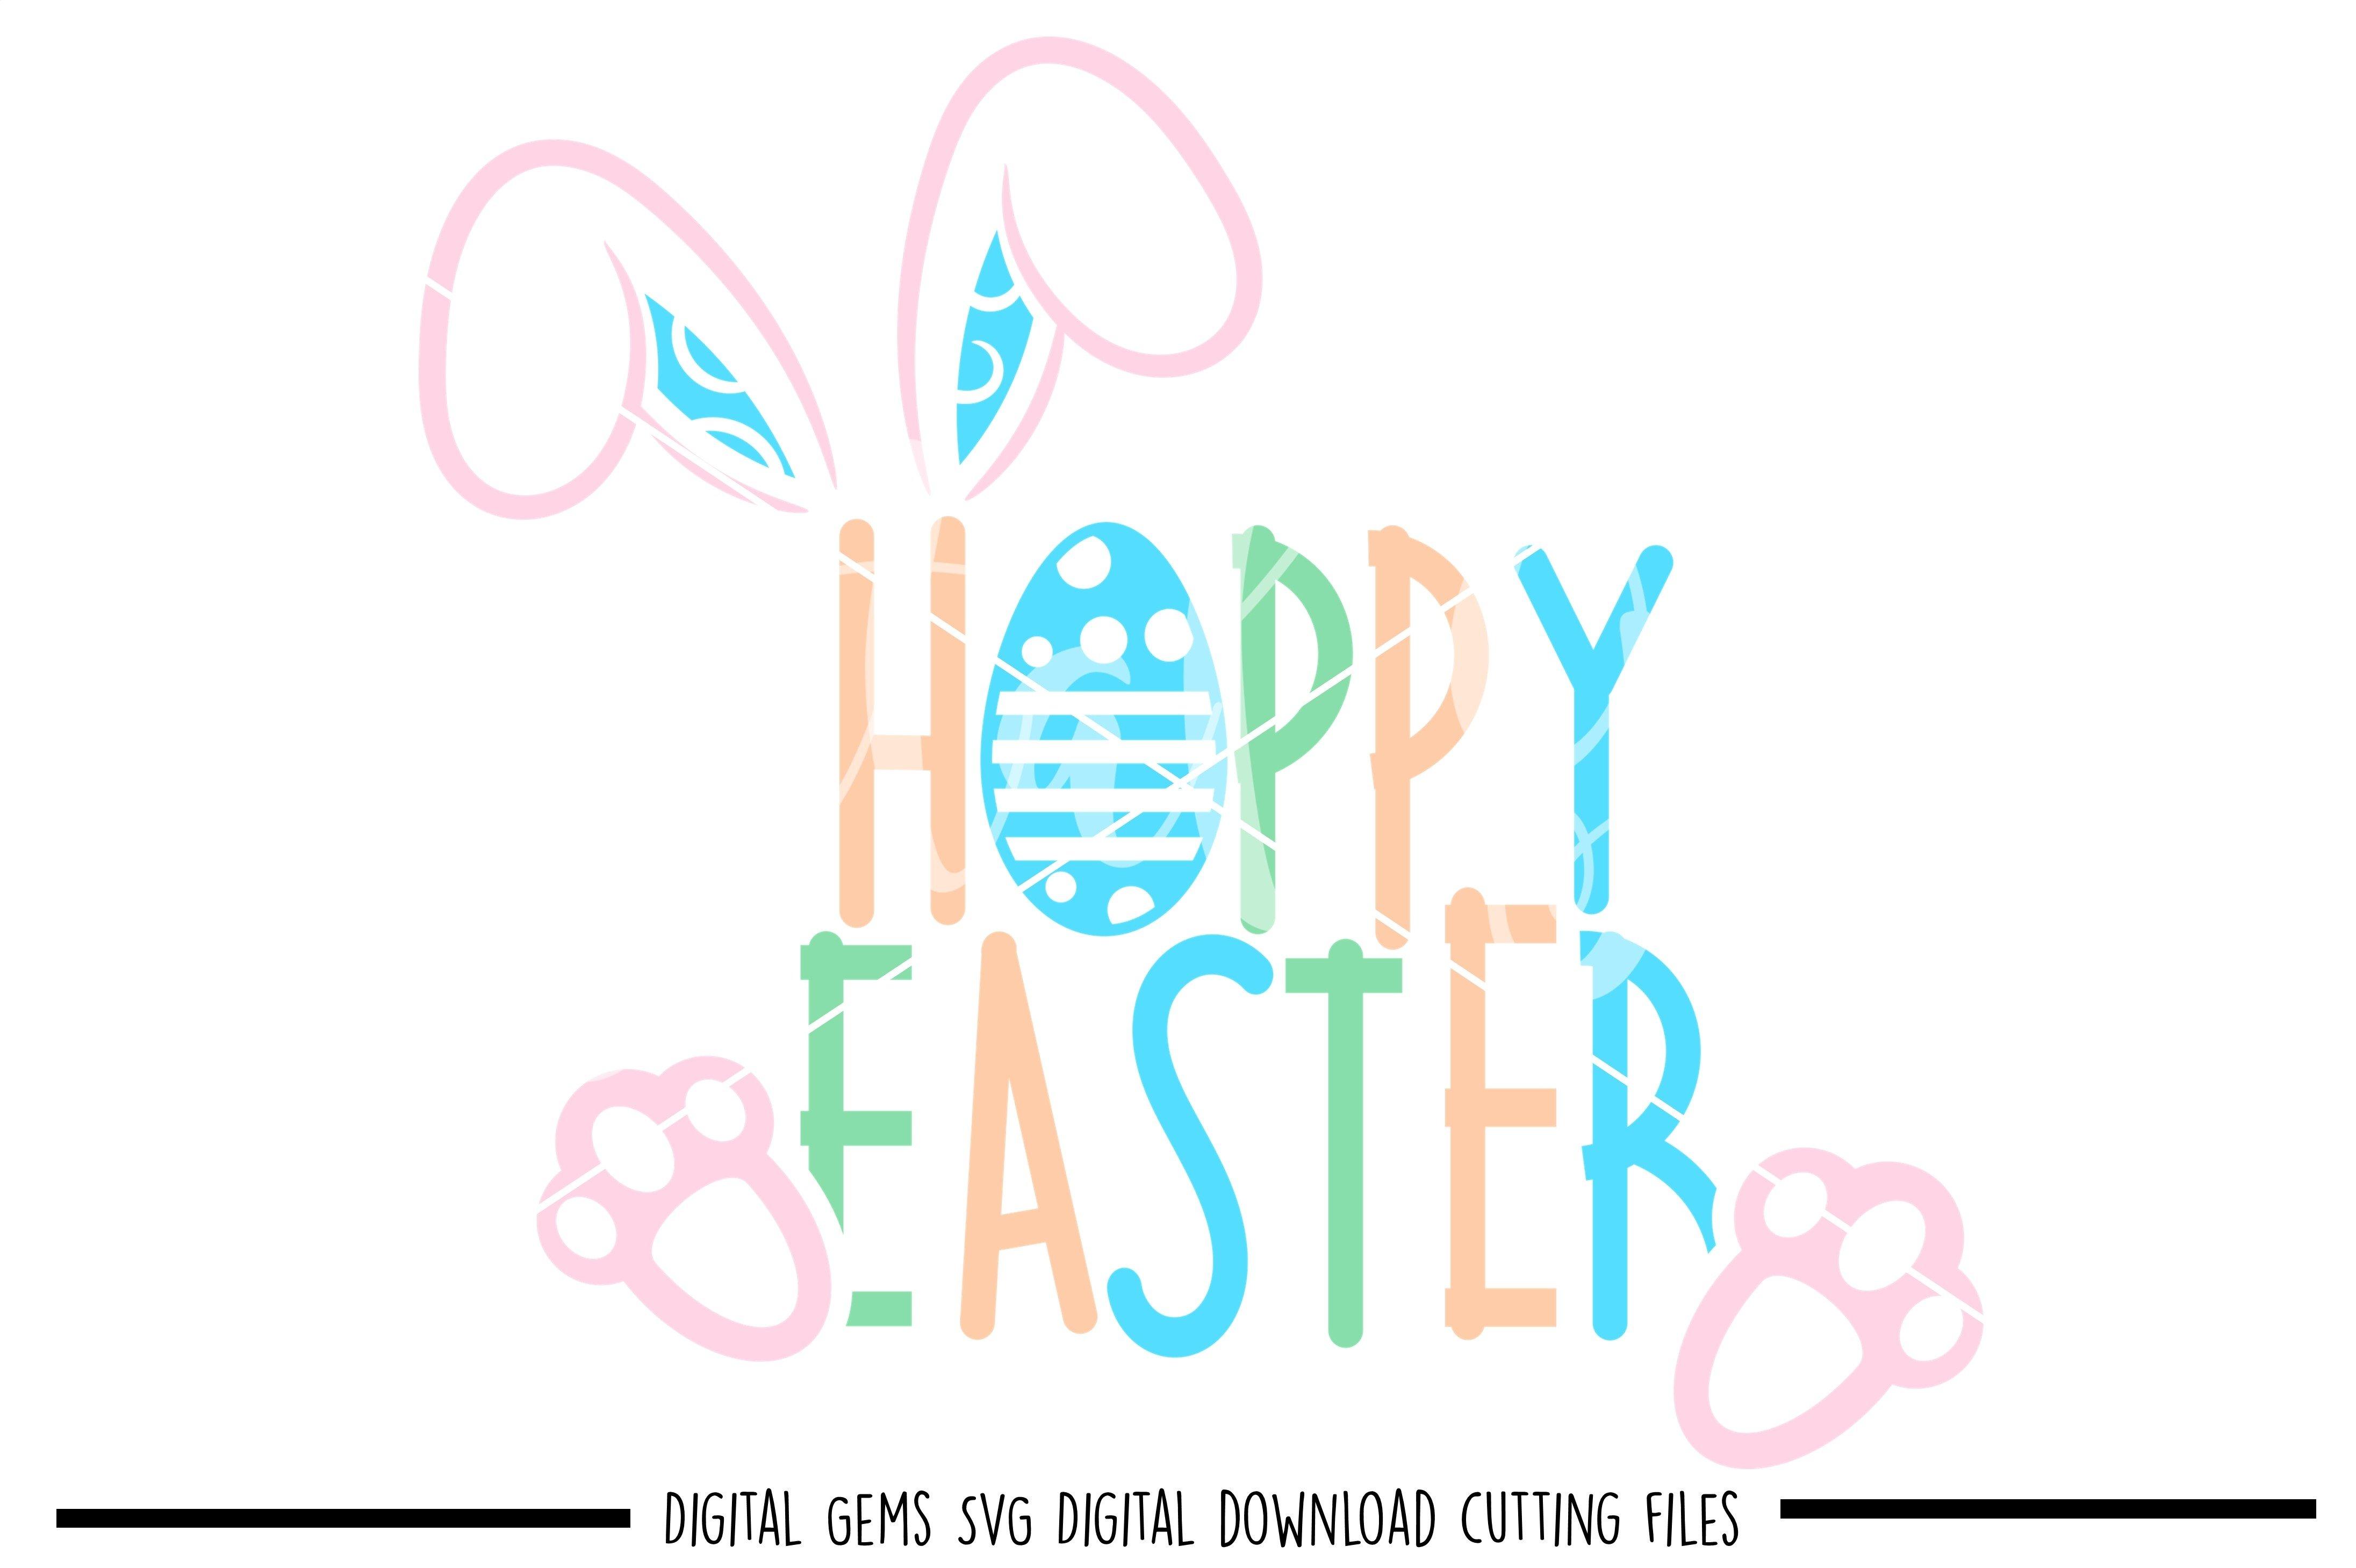 Image Transfer egg rabbit Easter design cricut files easter SVG DXF files silhouette files funny Easter Svg clipart Hoppy Easter